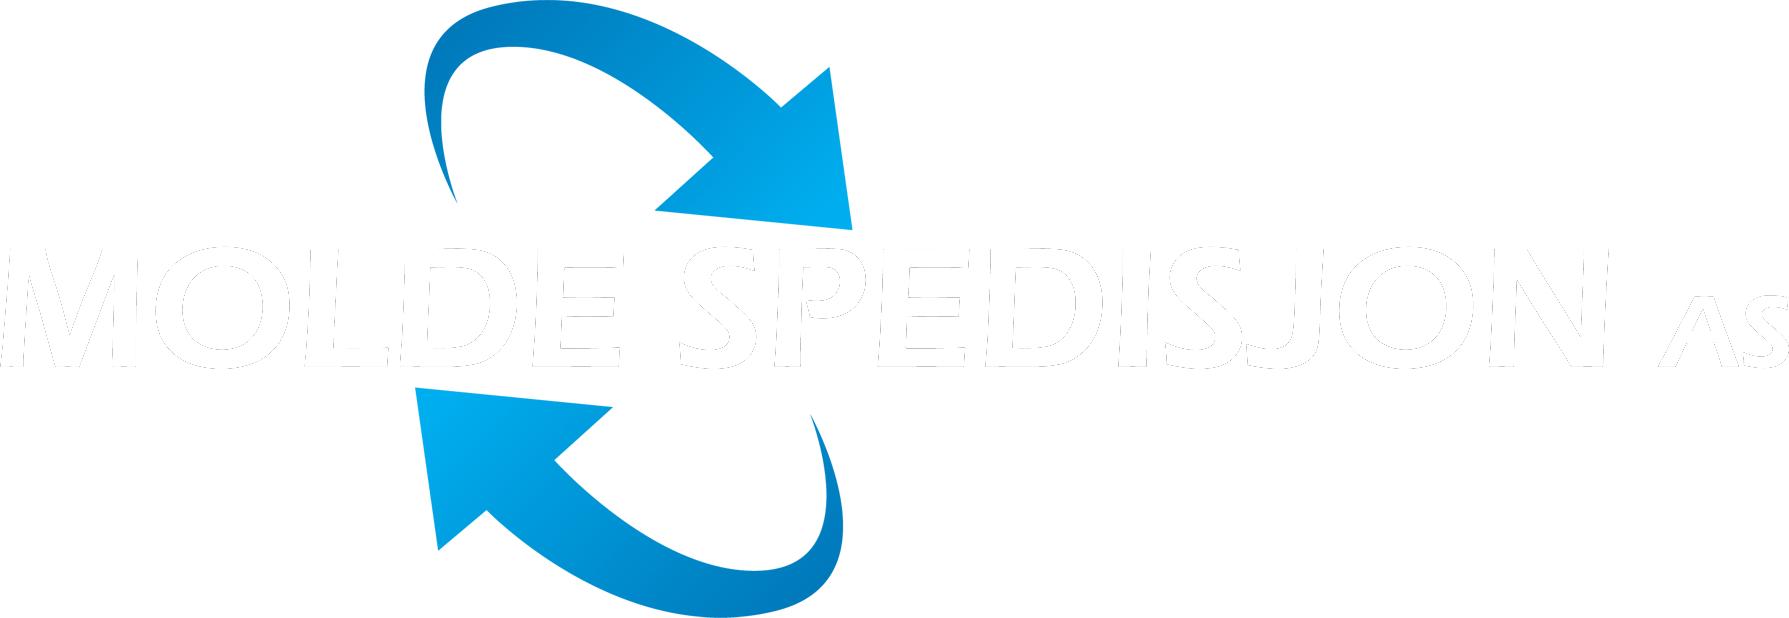 Molde Spedisjon AS logo